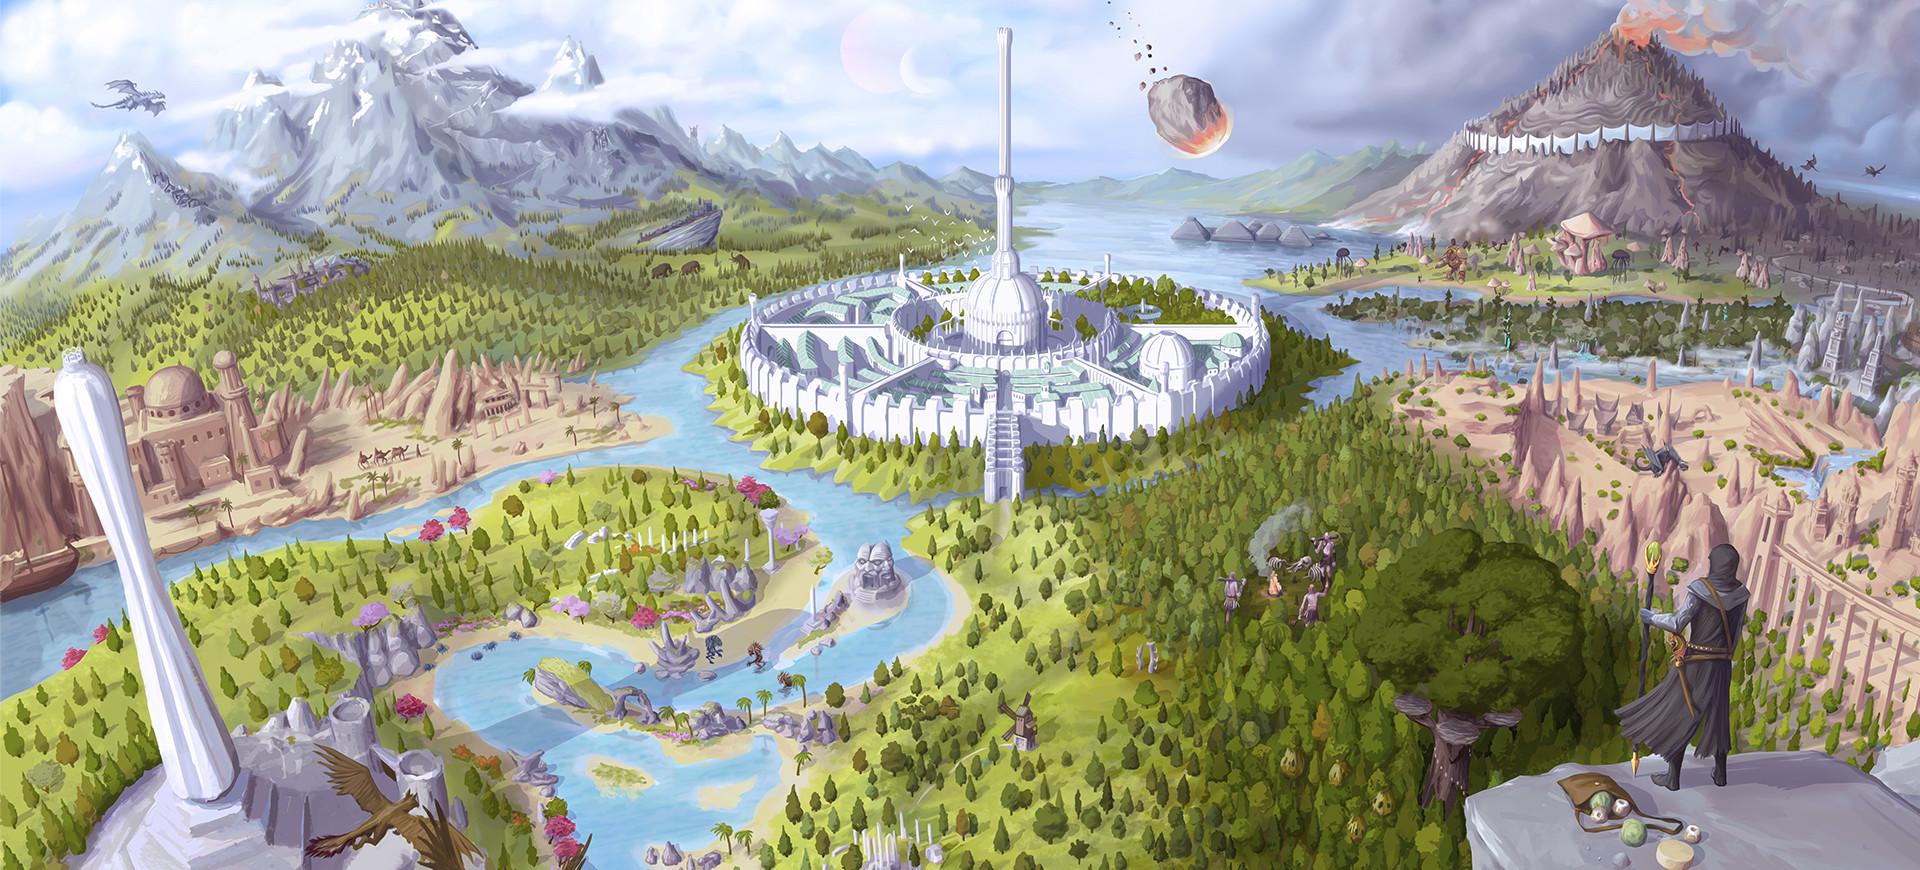 Bethesda is giving away The Elder Scrolls III: Morrowind on